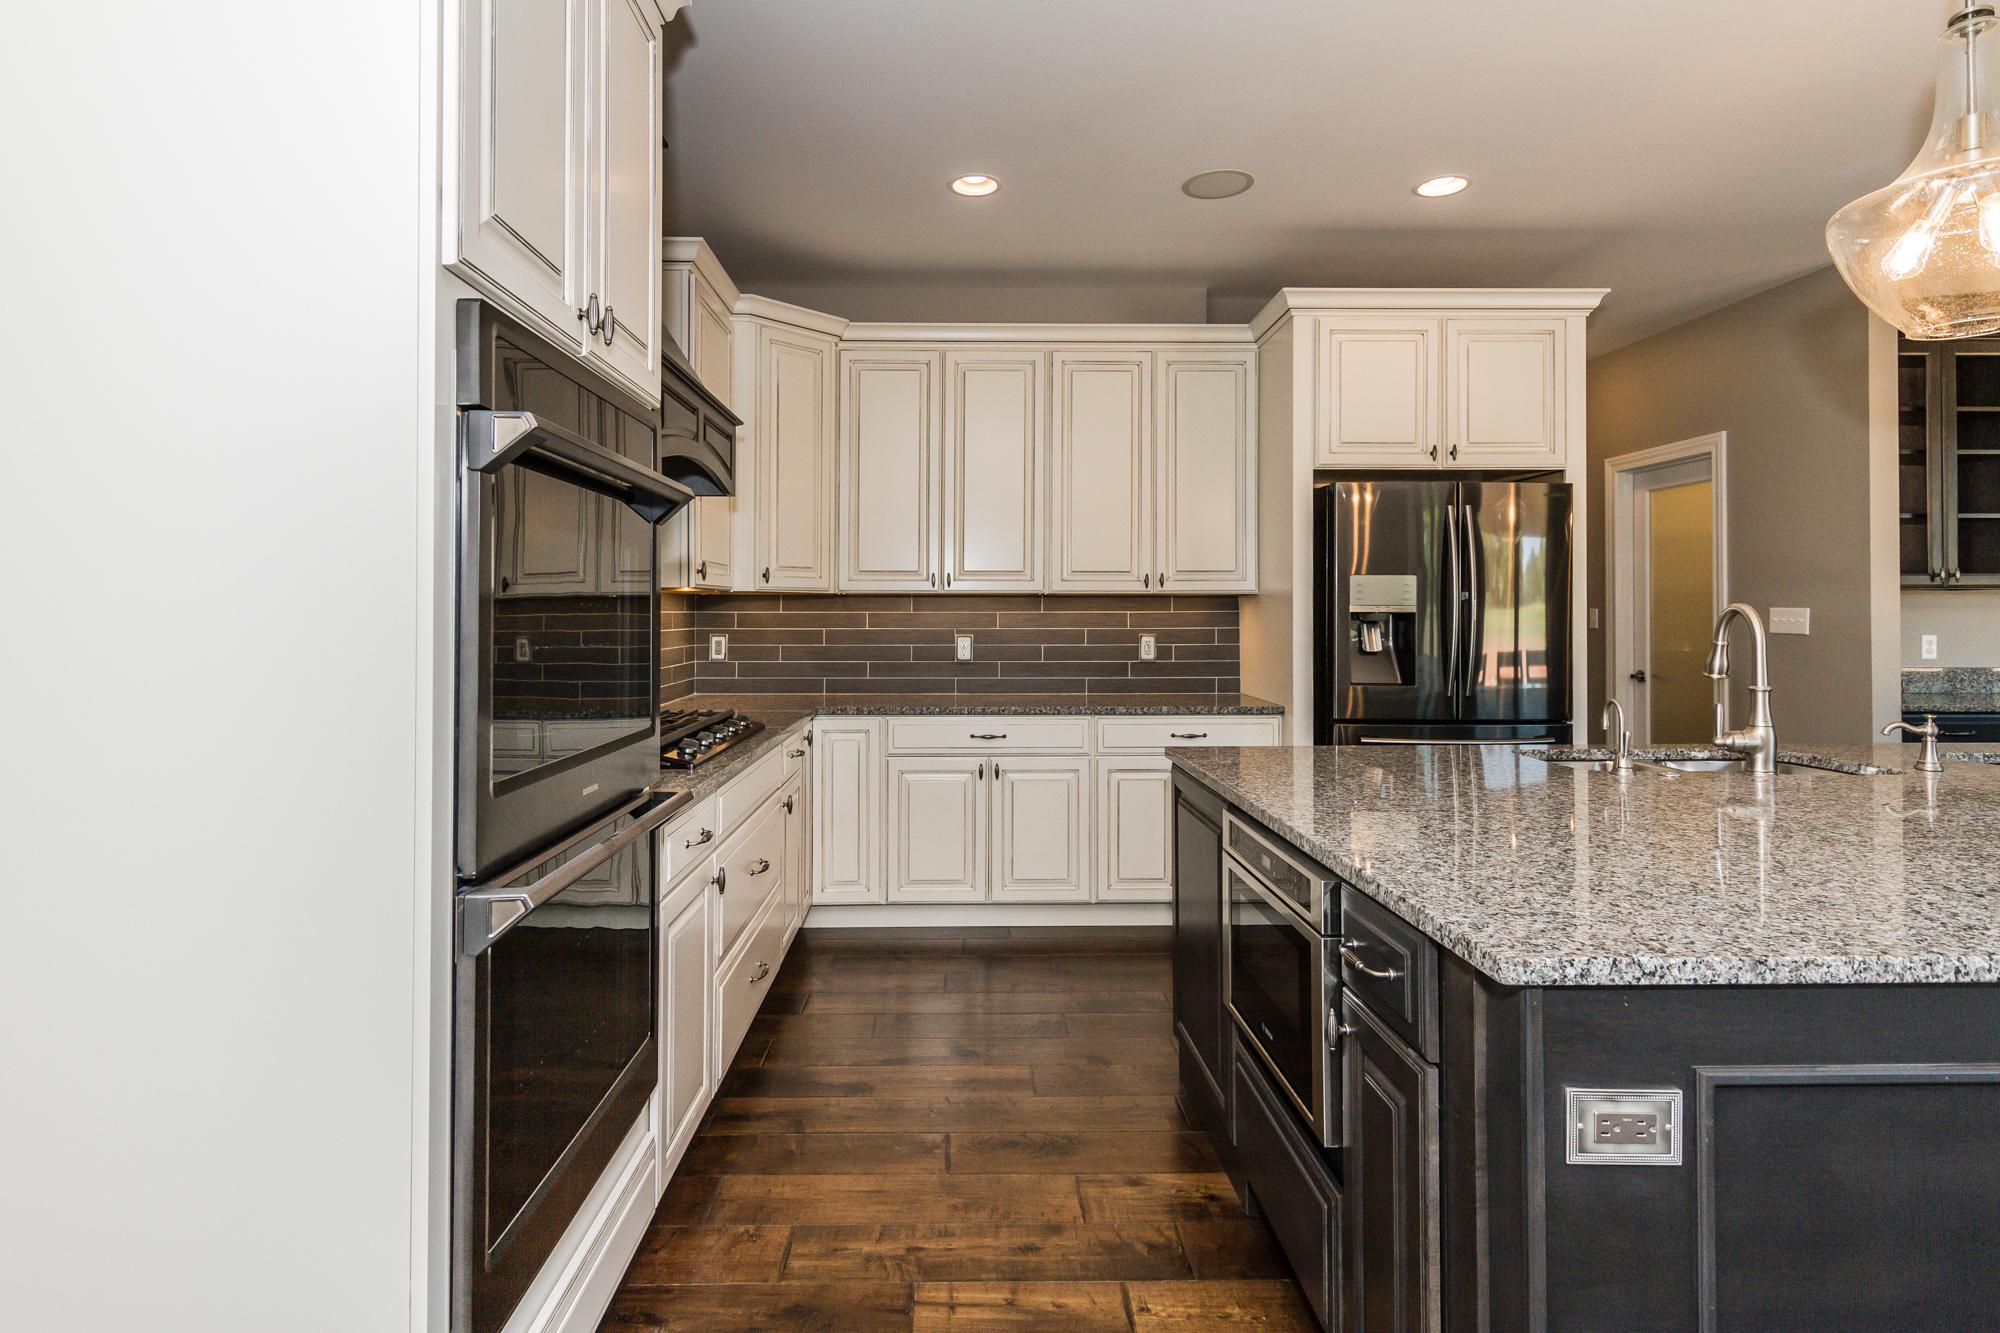 New-Construction-For-Sale-O'Fallon-Illinois-CR-Holland-0-40.jpg